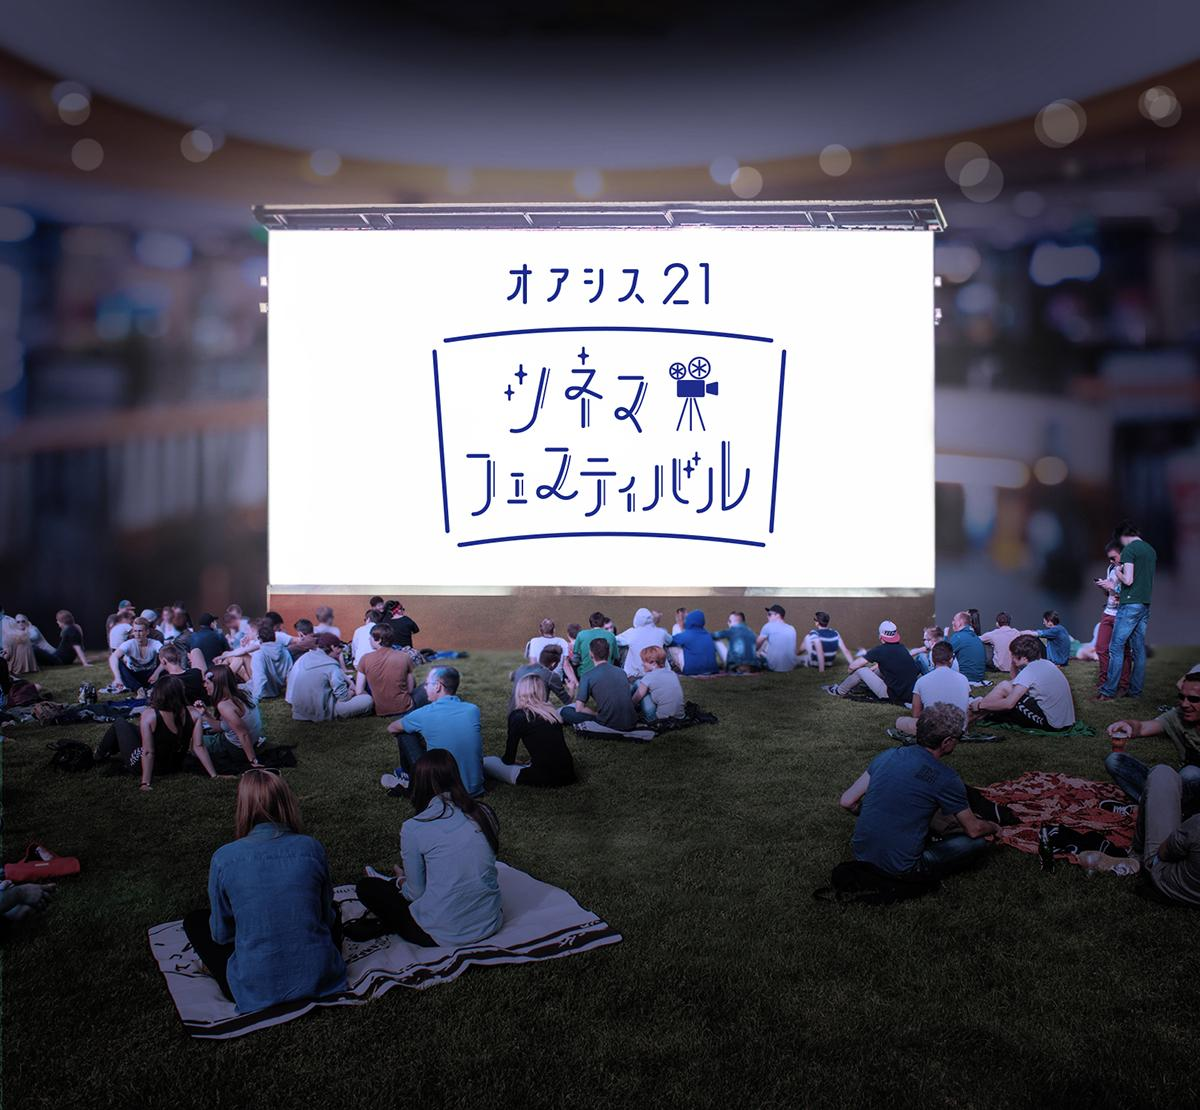 芝生空間を特設した「オアシス21 シネマフェスティバル」のイメージ